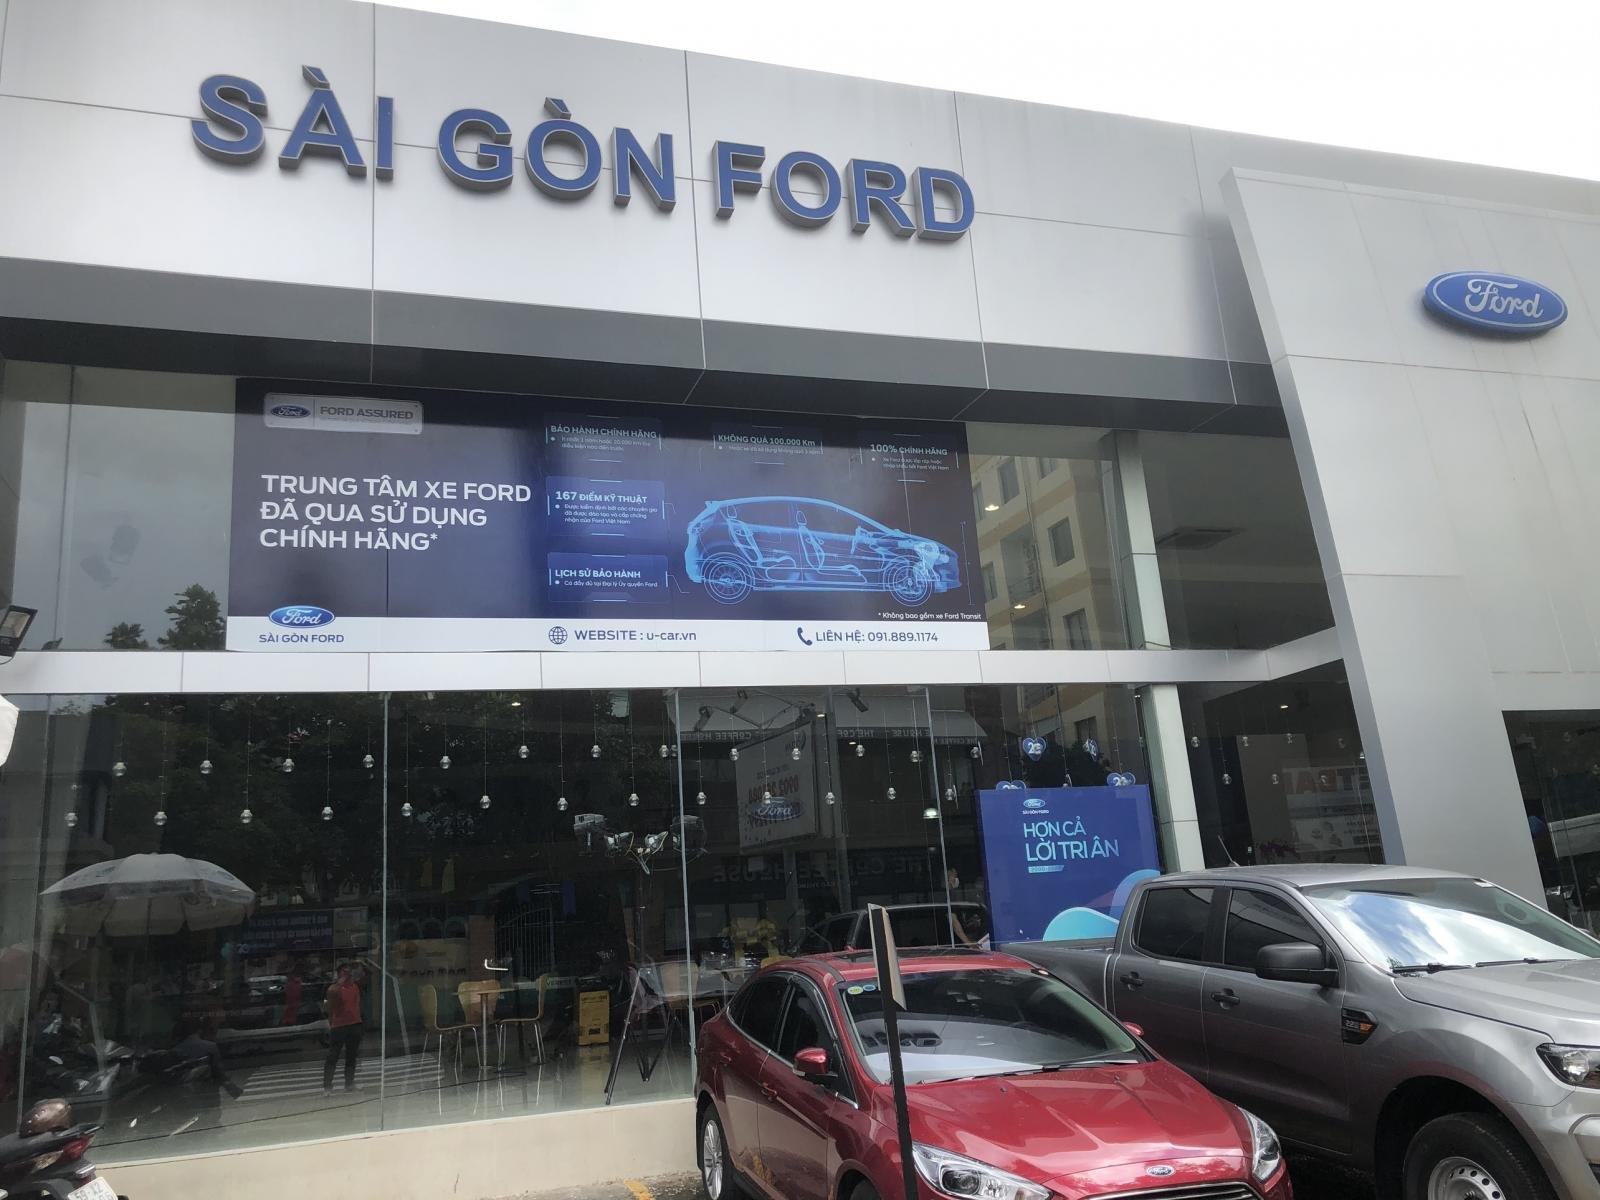 Sài Gòn Ford Used Car (1)